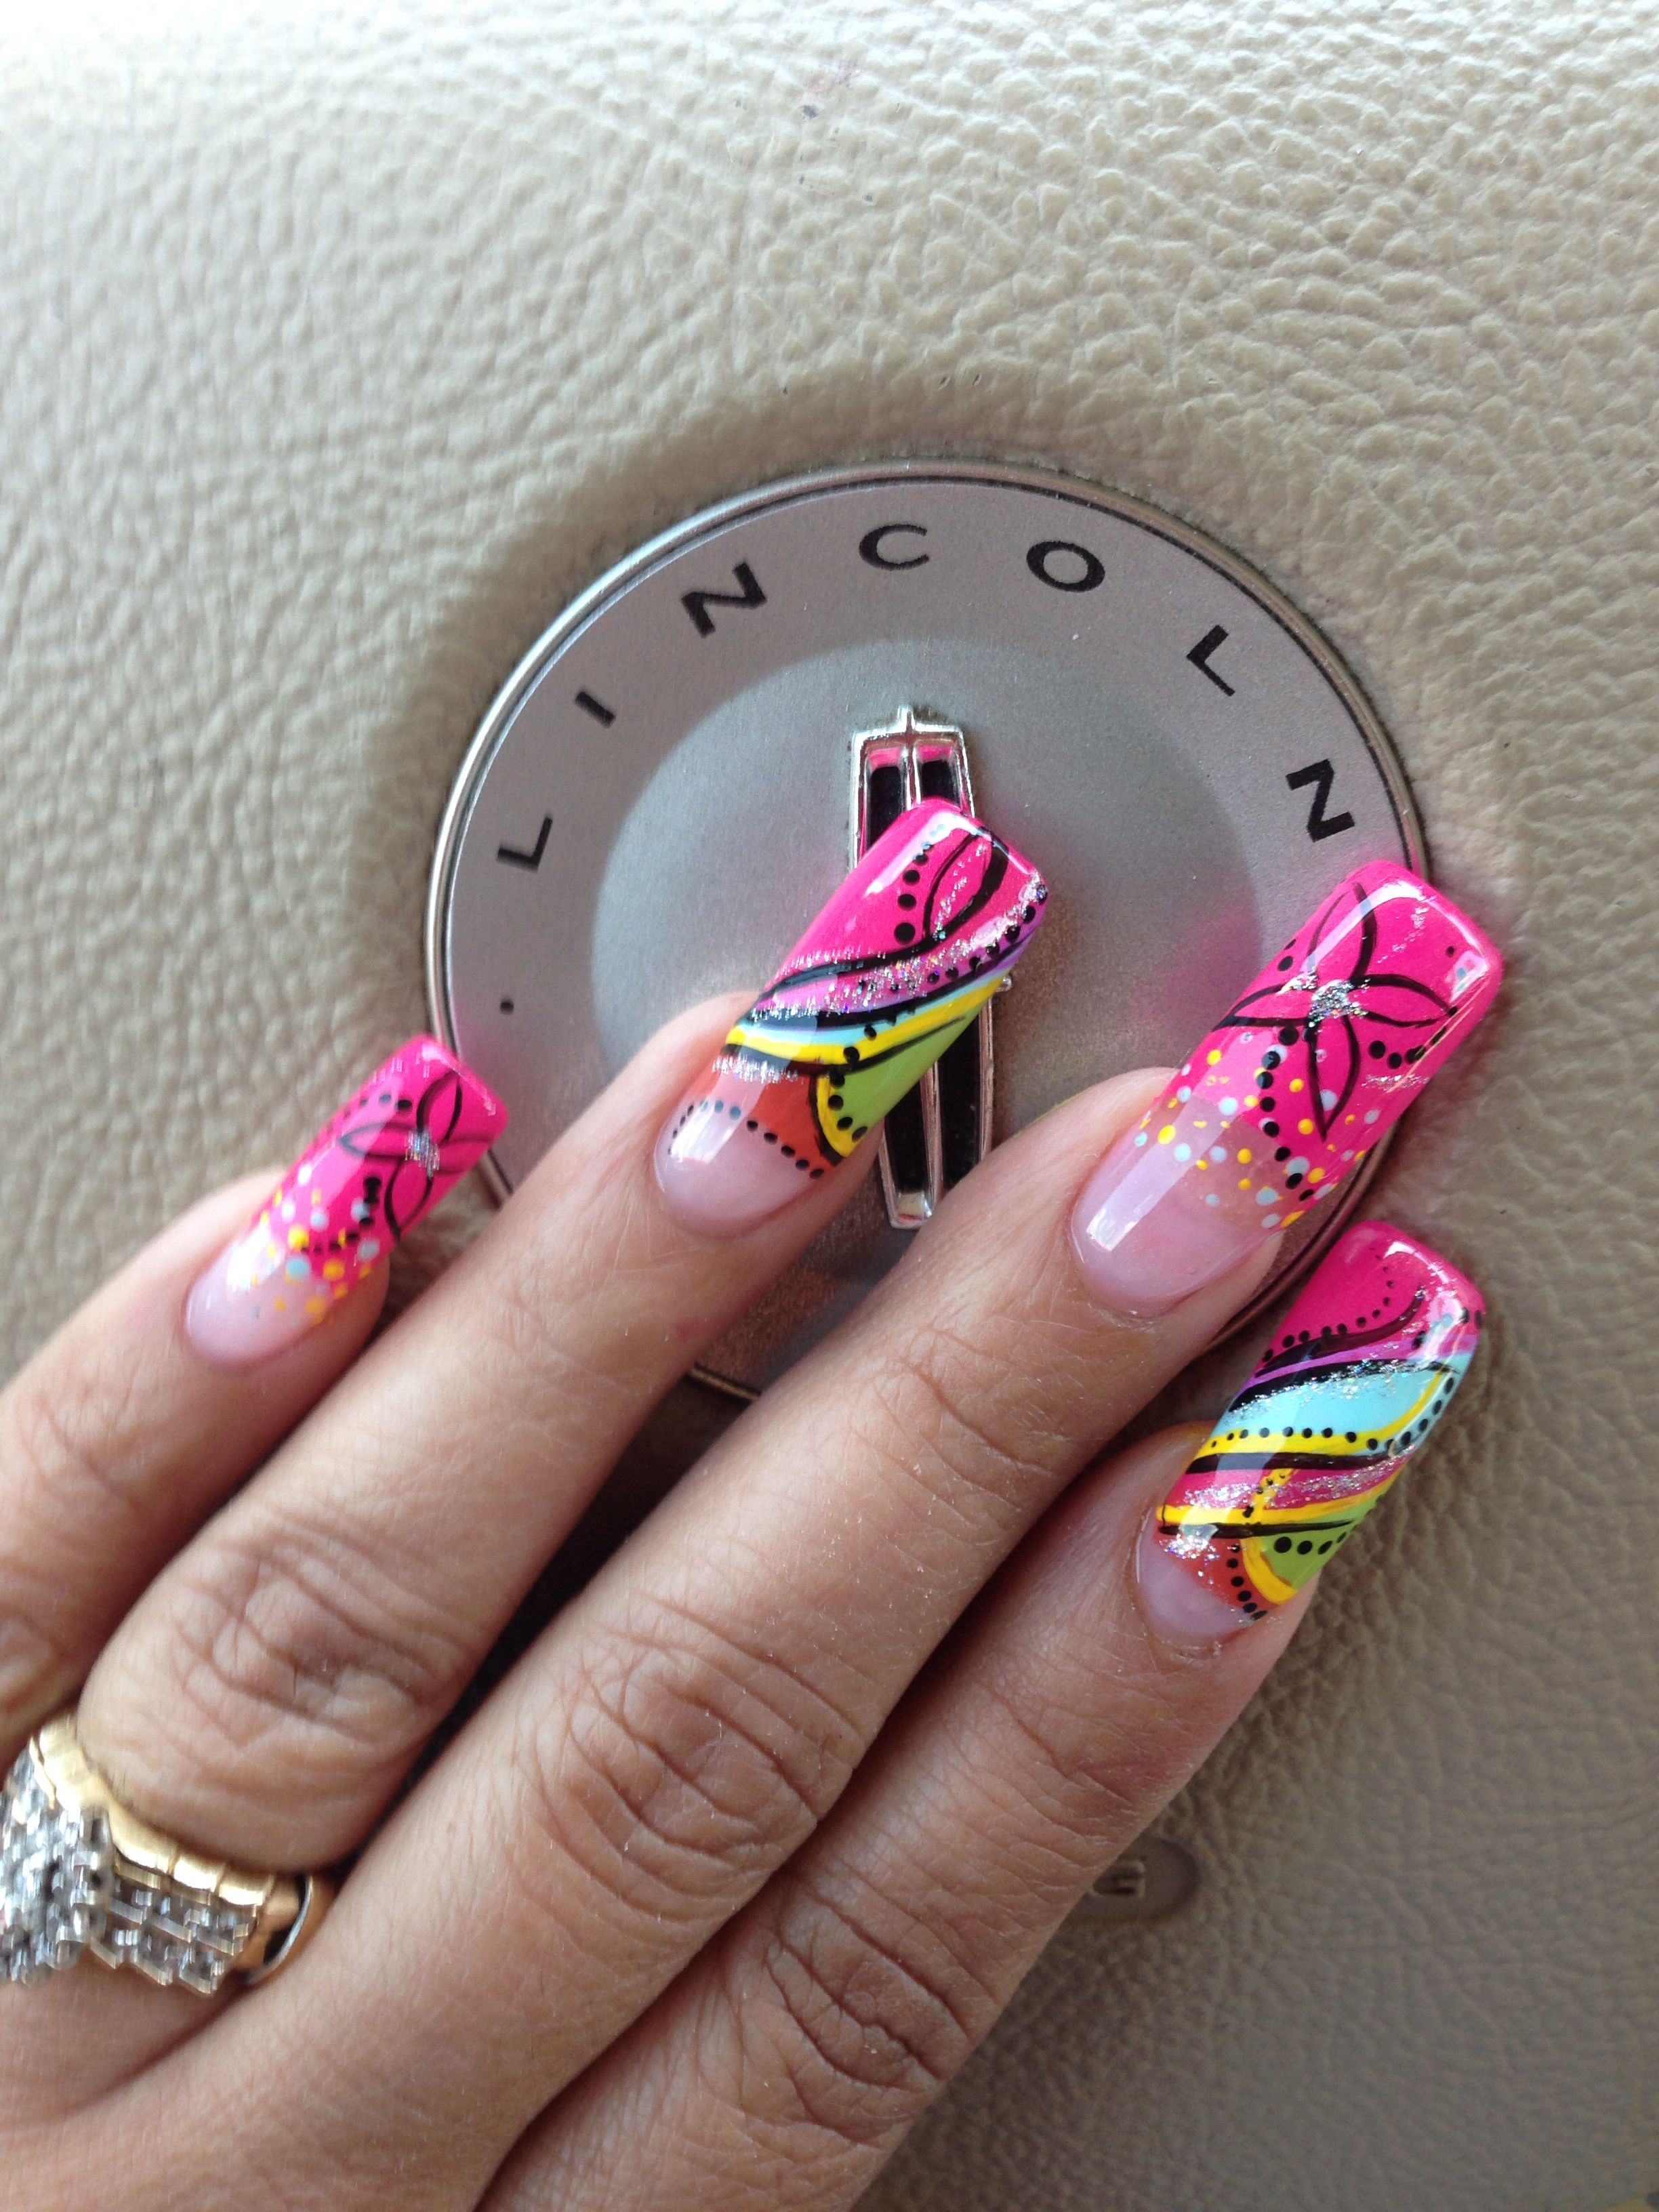 Long nail design by best nail tech Zaira | Nail designs | Pinterest ...